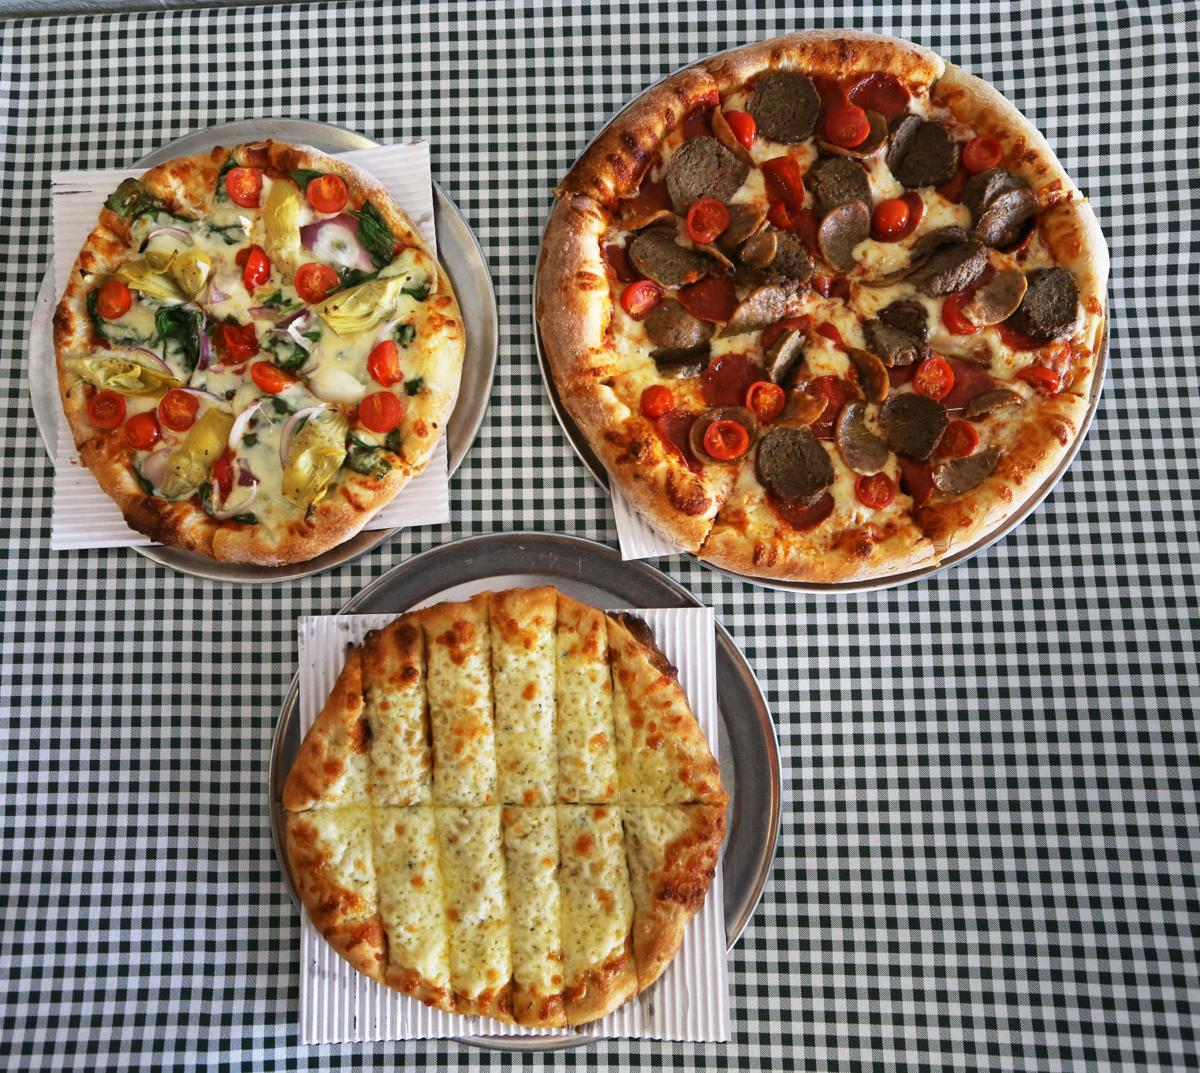 Zeppo's pizzas